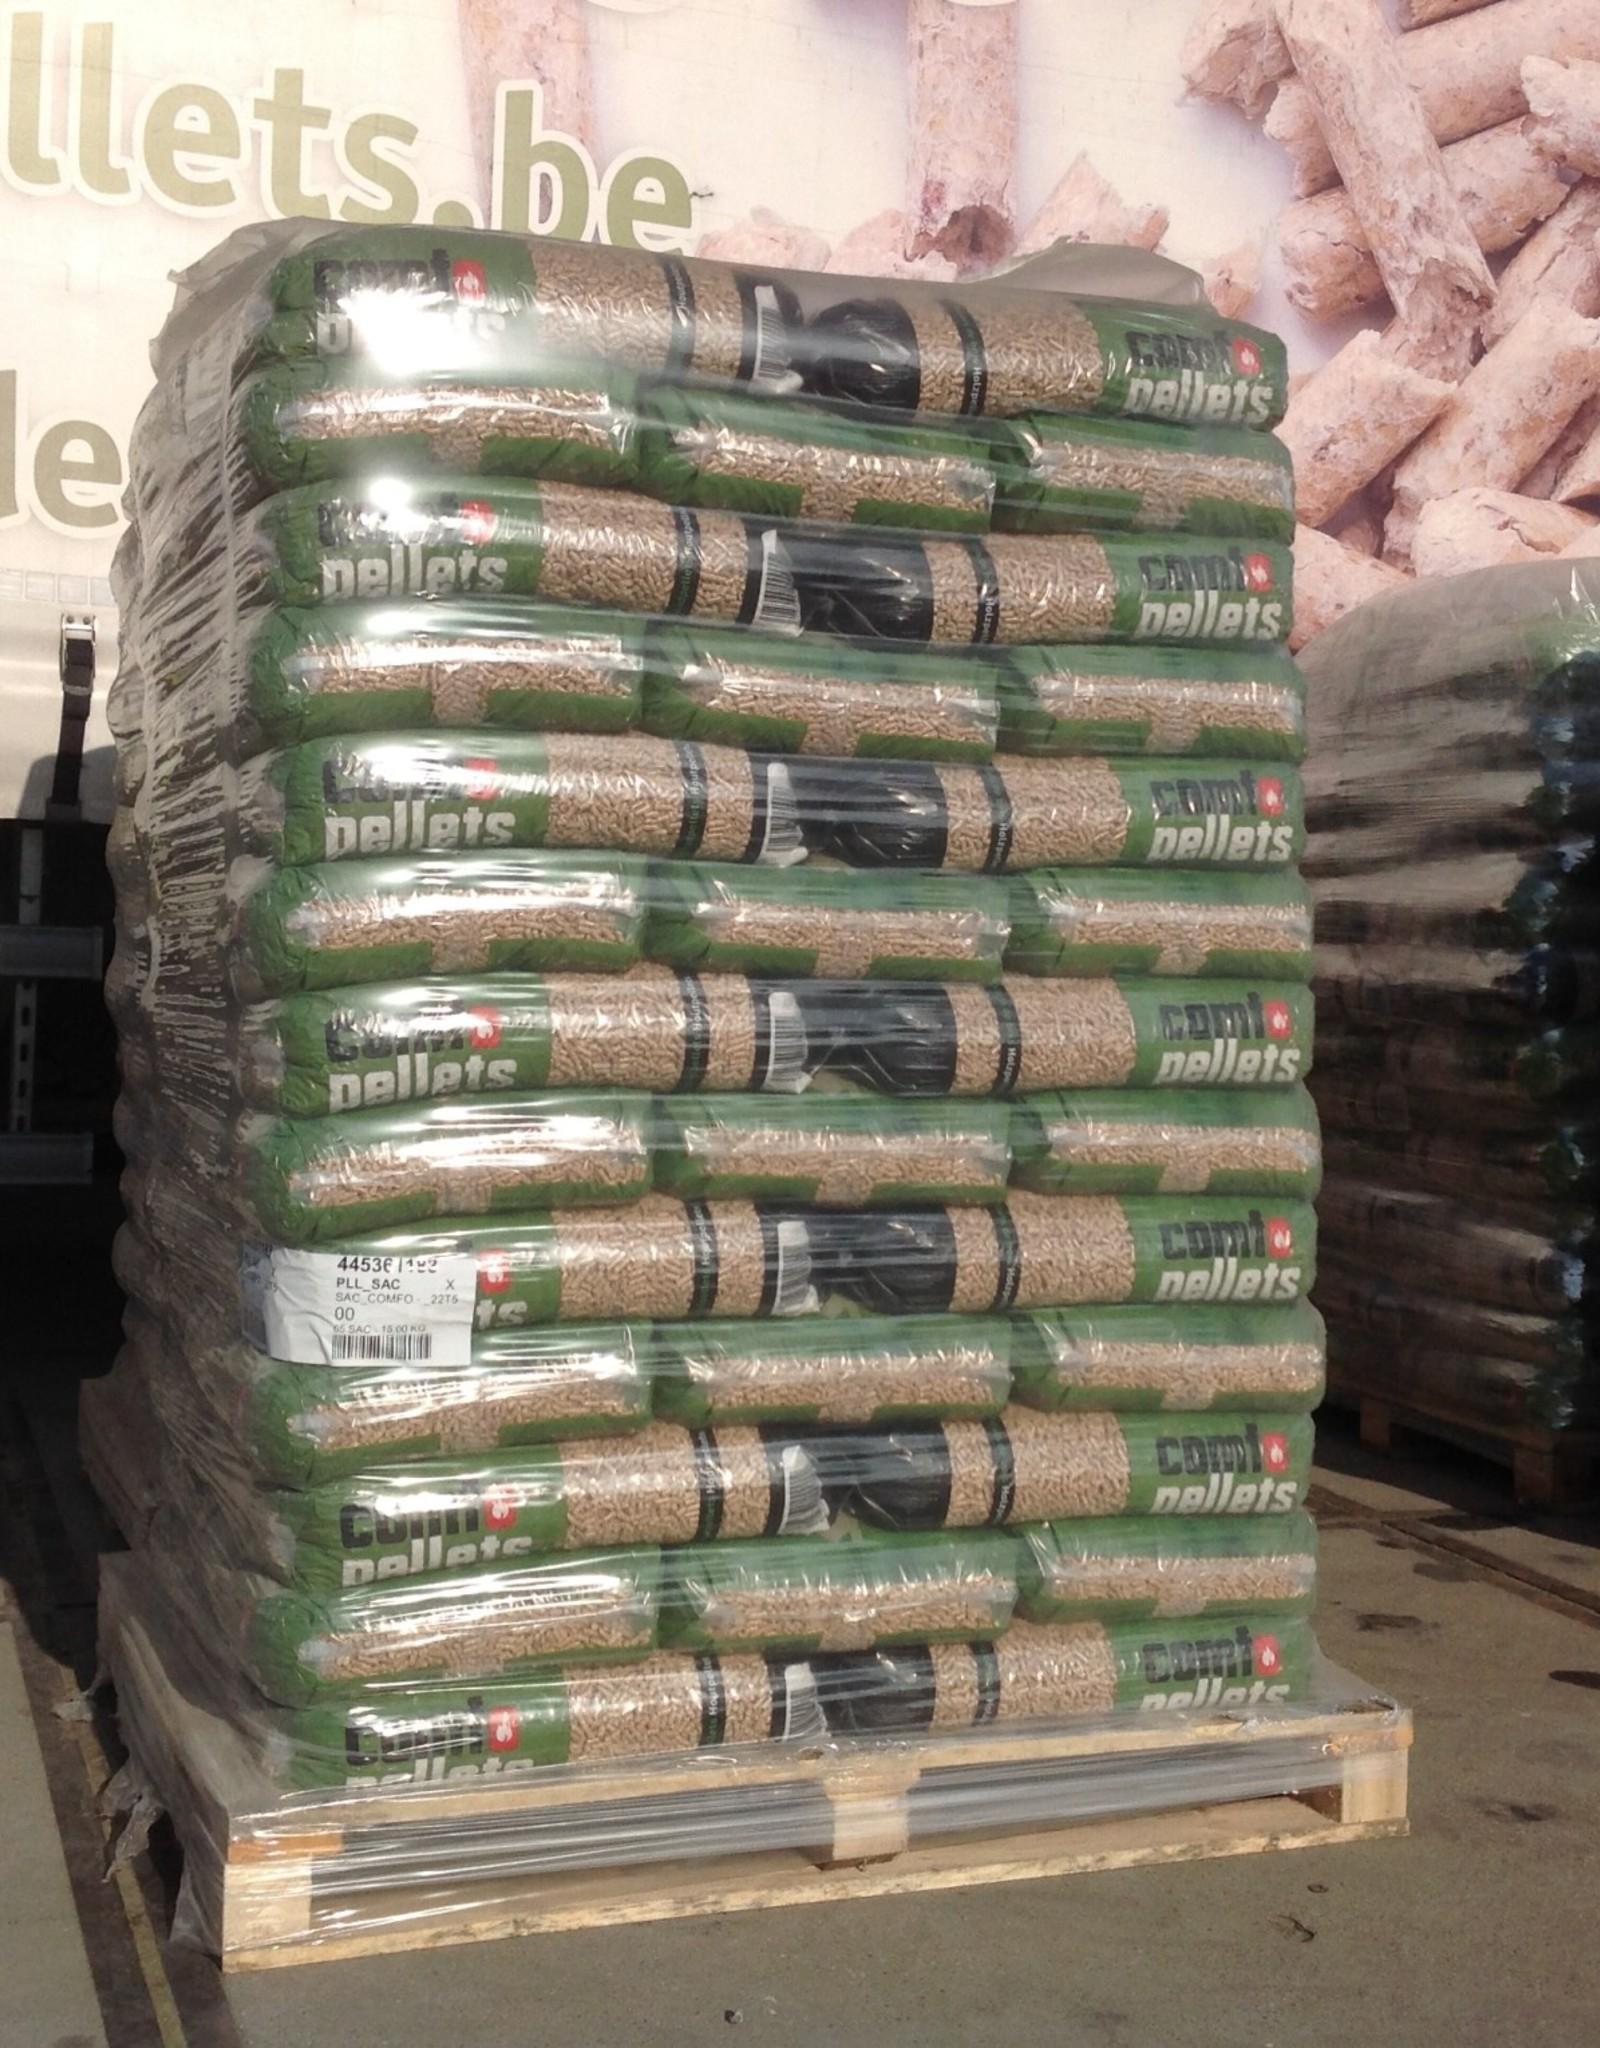 Comfo-pellets 1 palet  FRUYTIER GROUP 65 ZAKKEN 975 KG